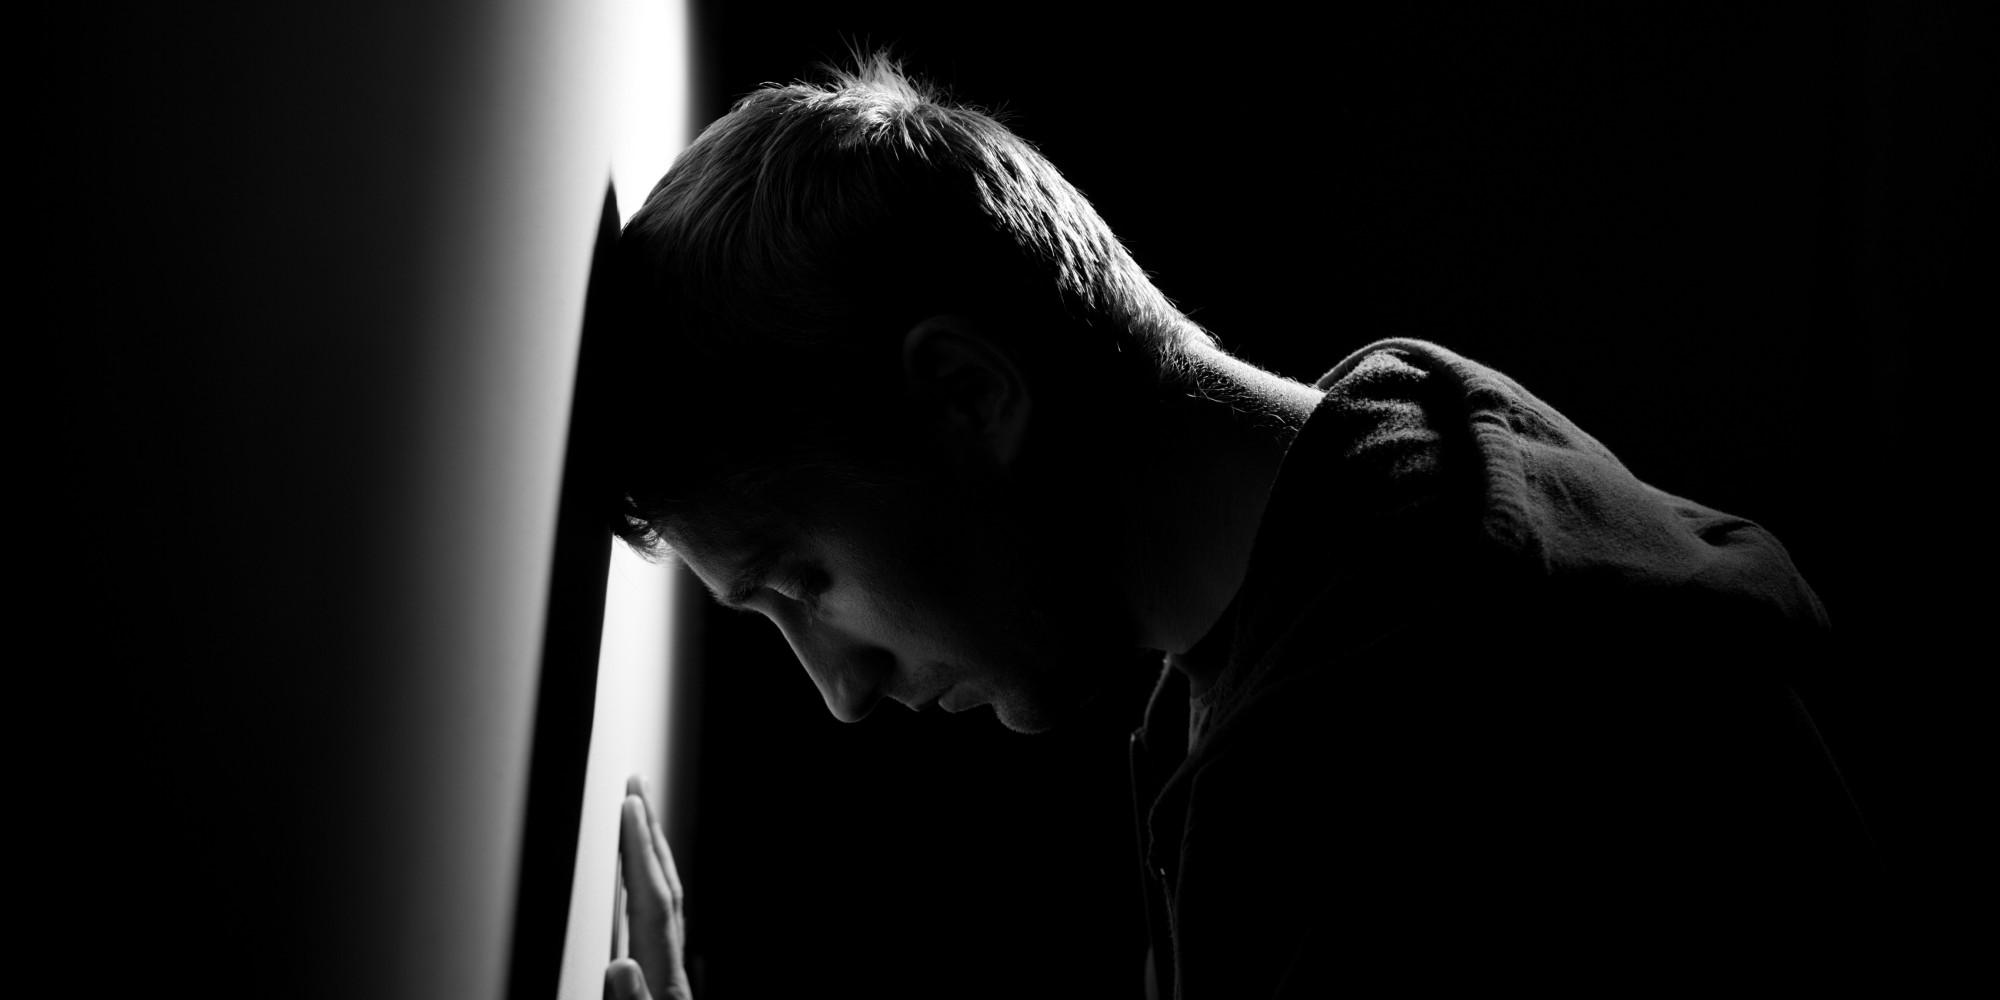 بیماری افسردگی چیست - انواع اختلال افسردگی - انواع افسردگی